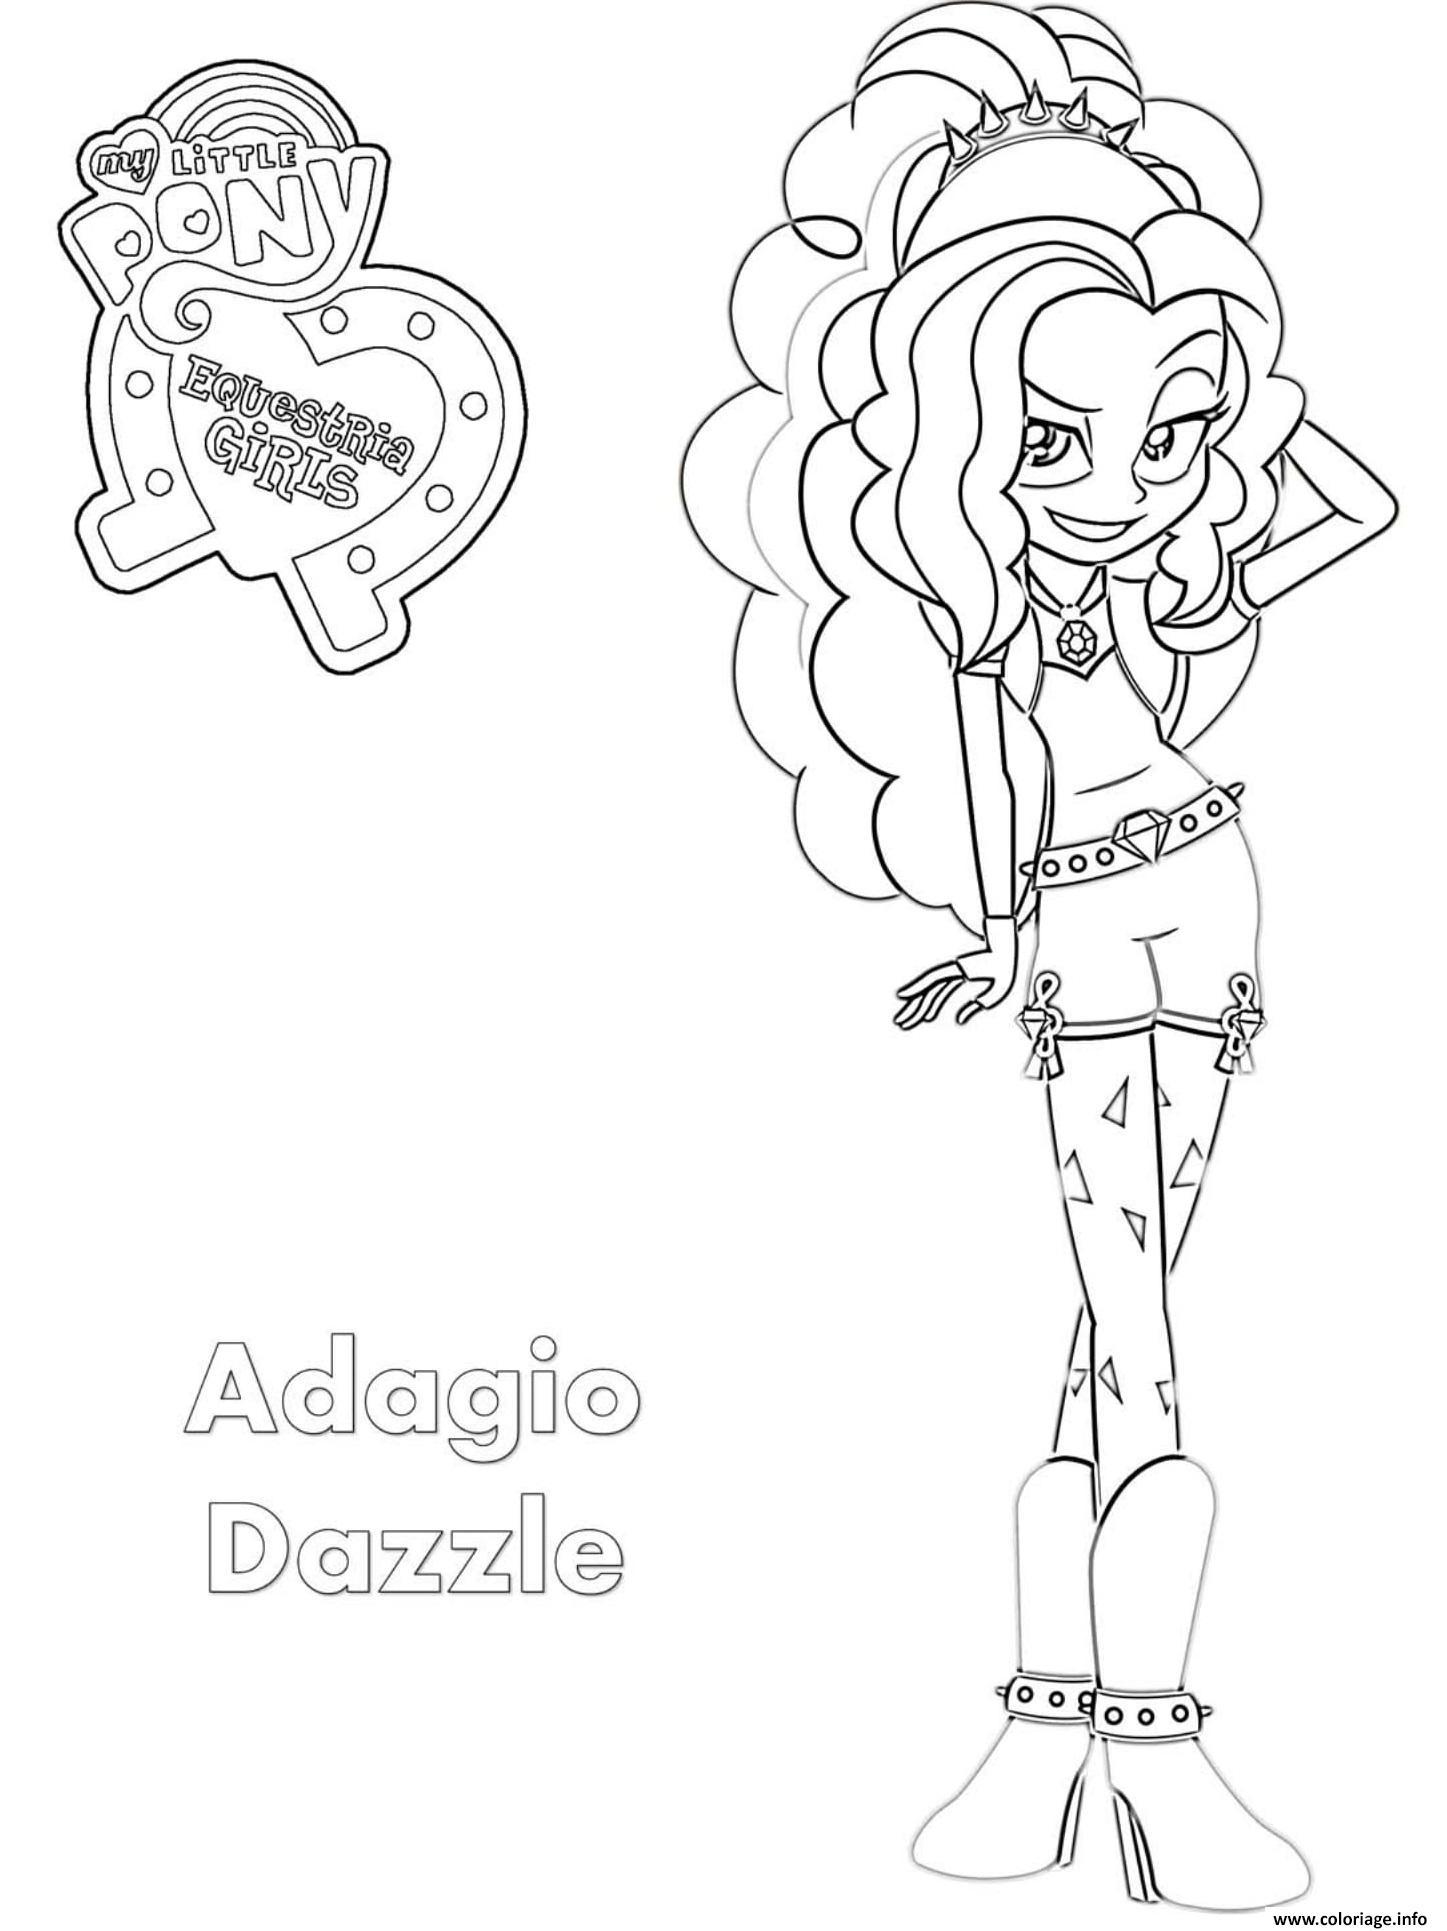 Coloriage equestria girls adagio dazzle - Coloriage equestria girl a imprimer ...